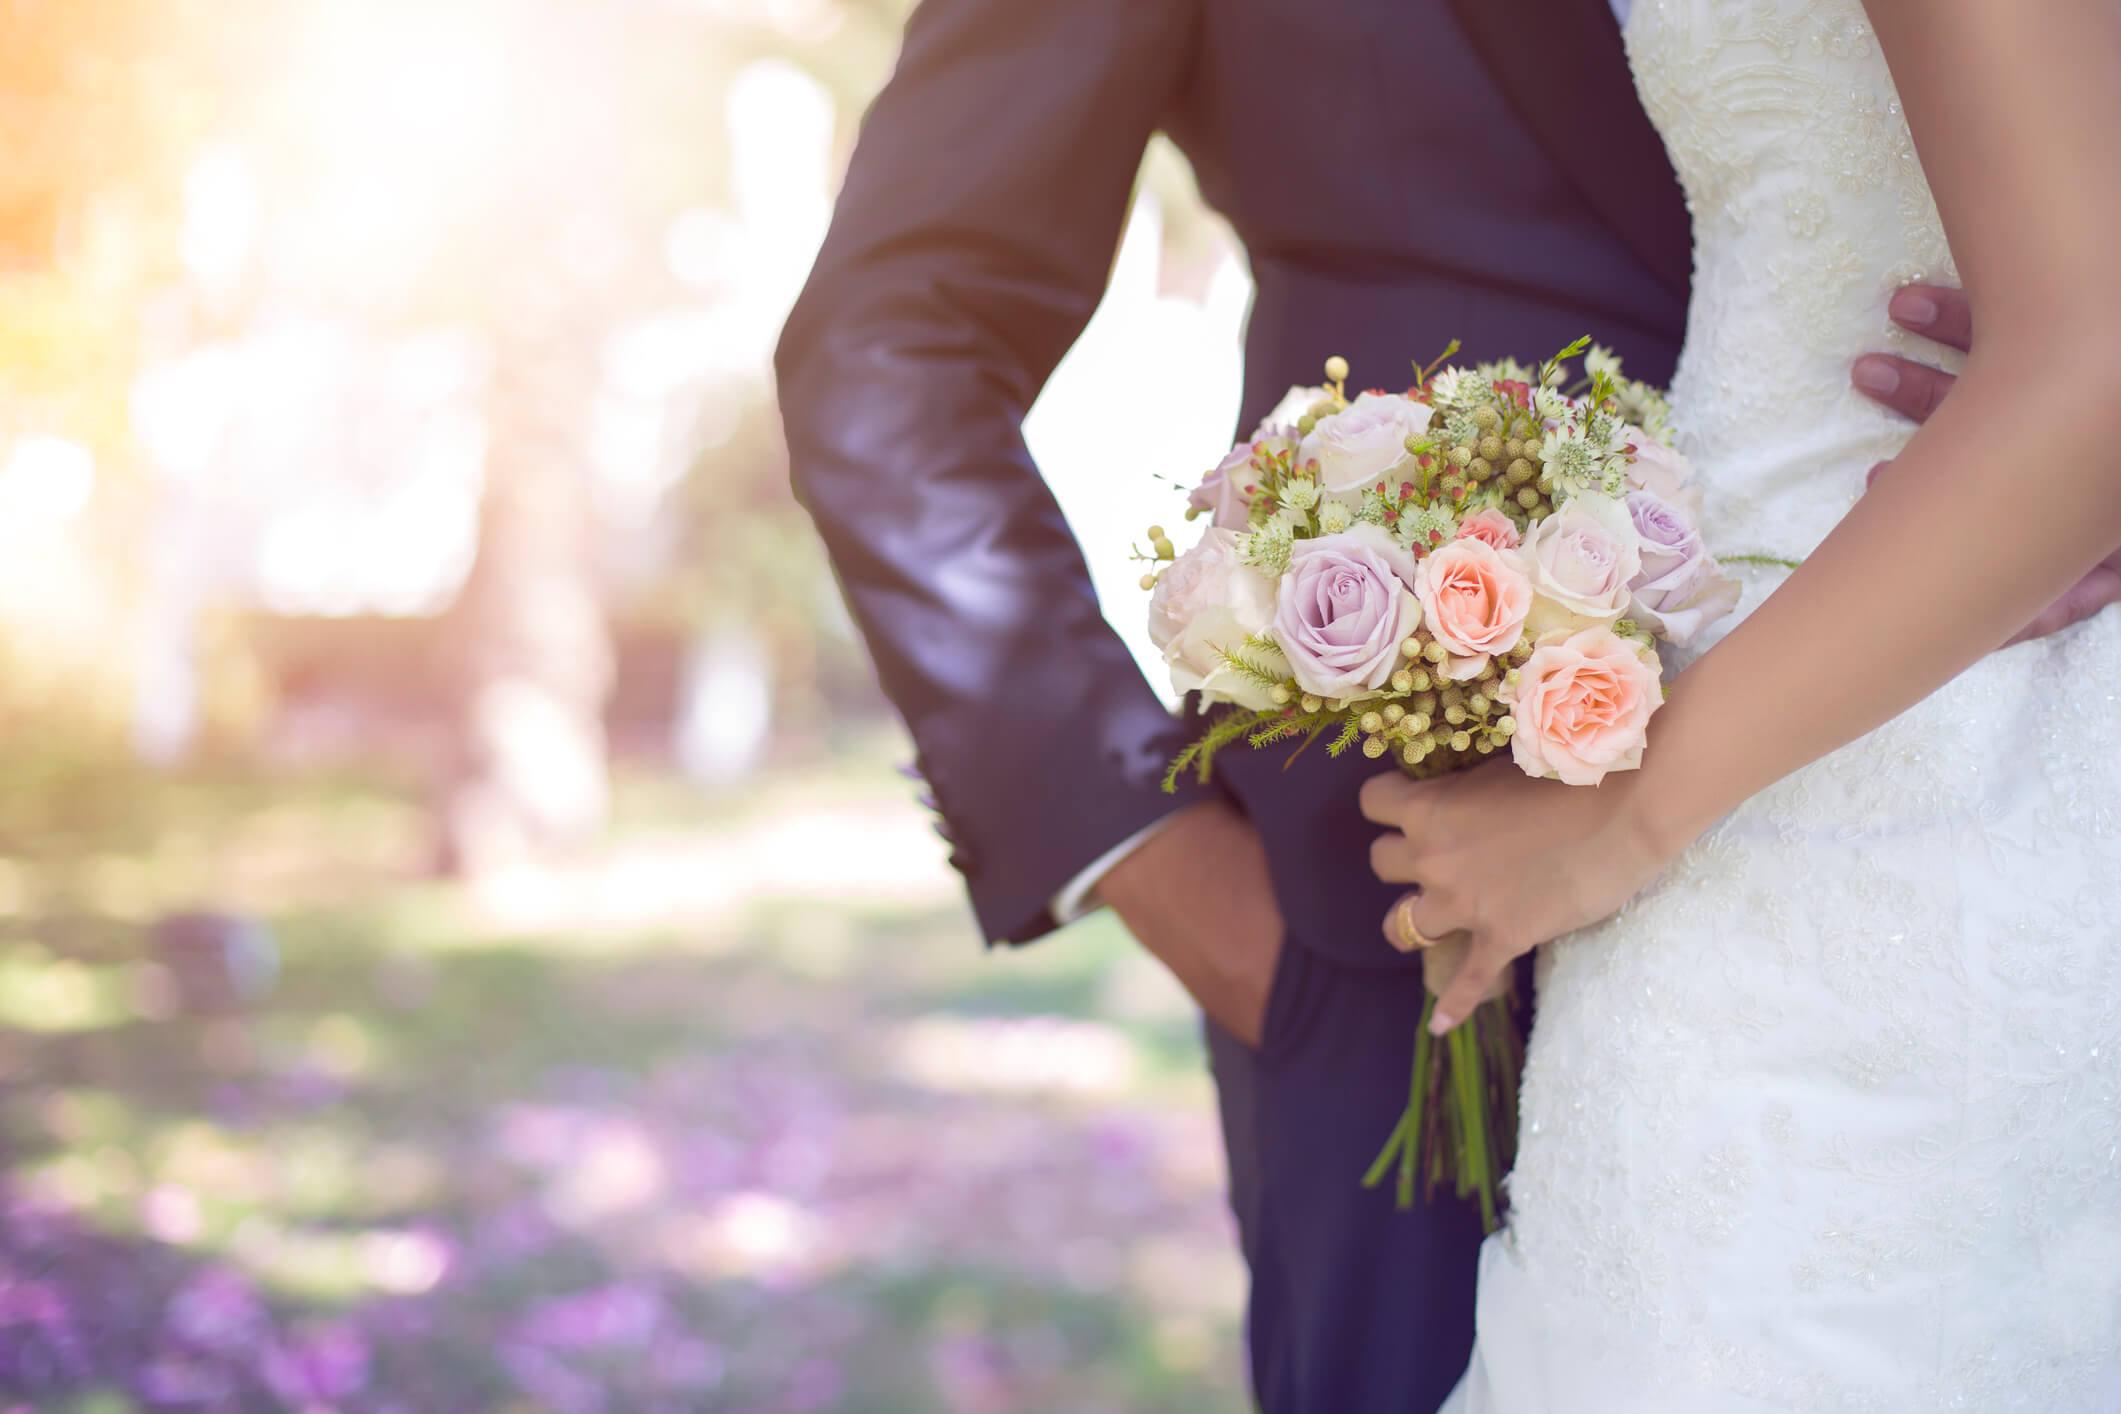 Nom De Famille Apres Le Mariage Qu Est Ce Qui Change